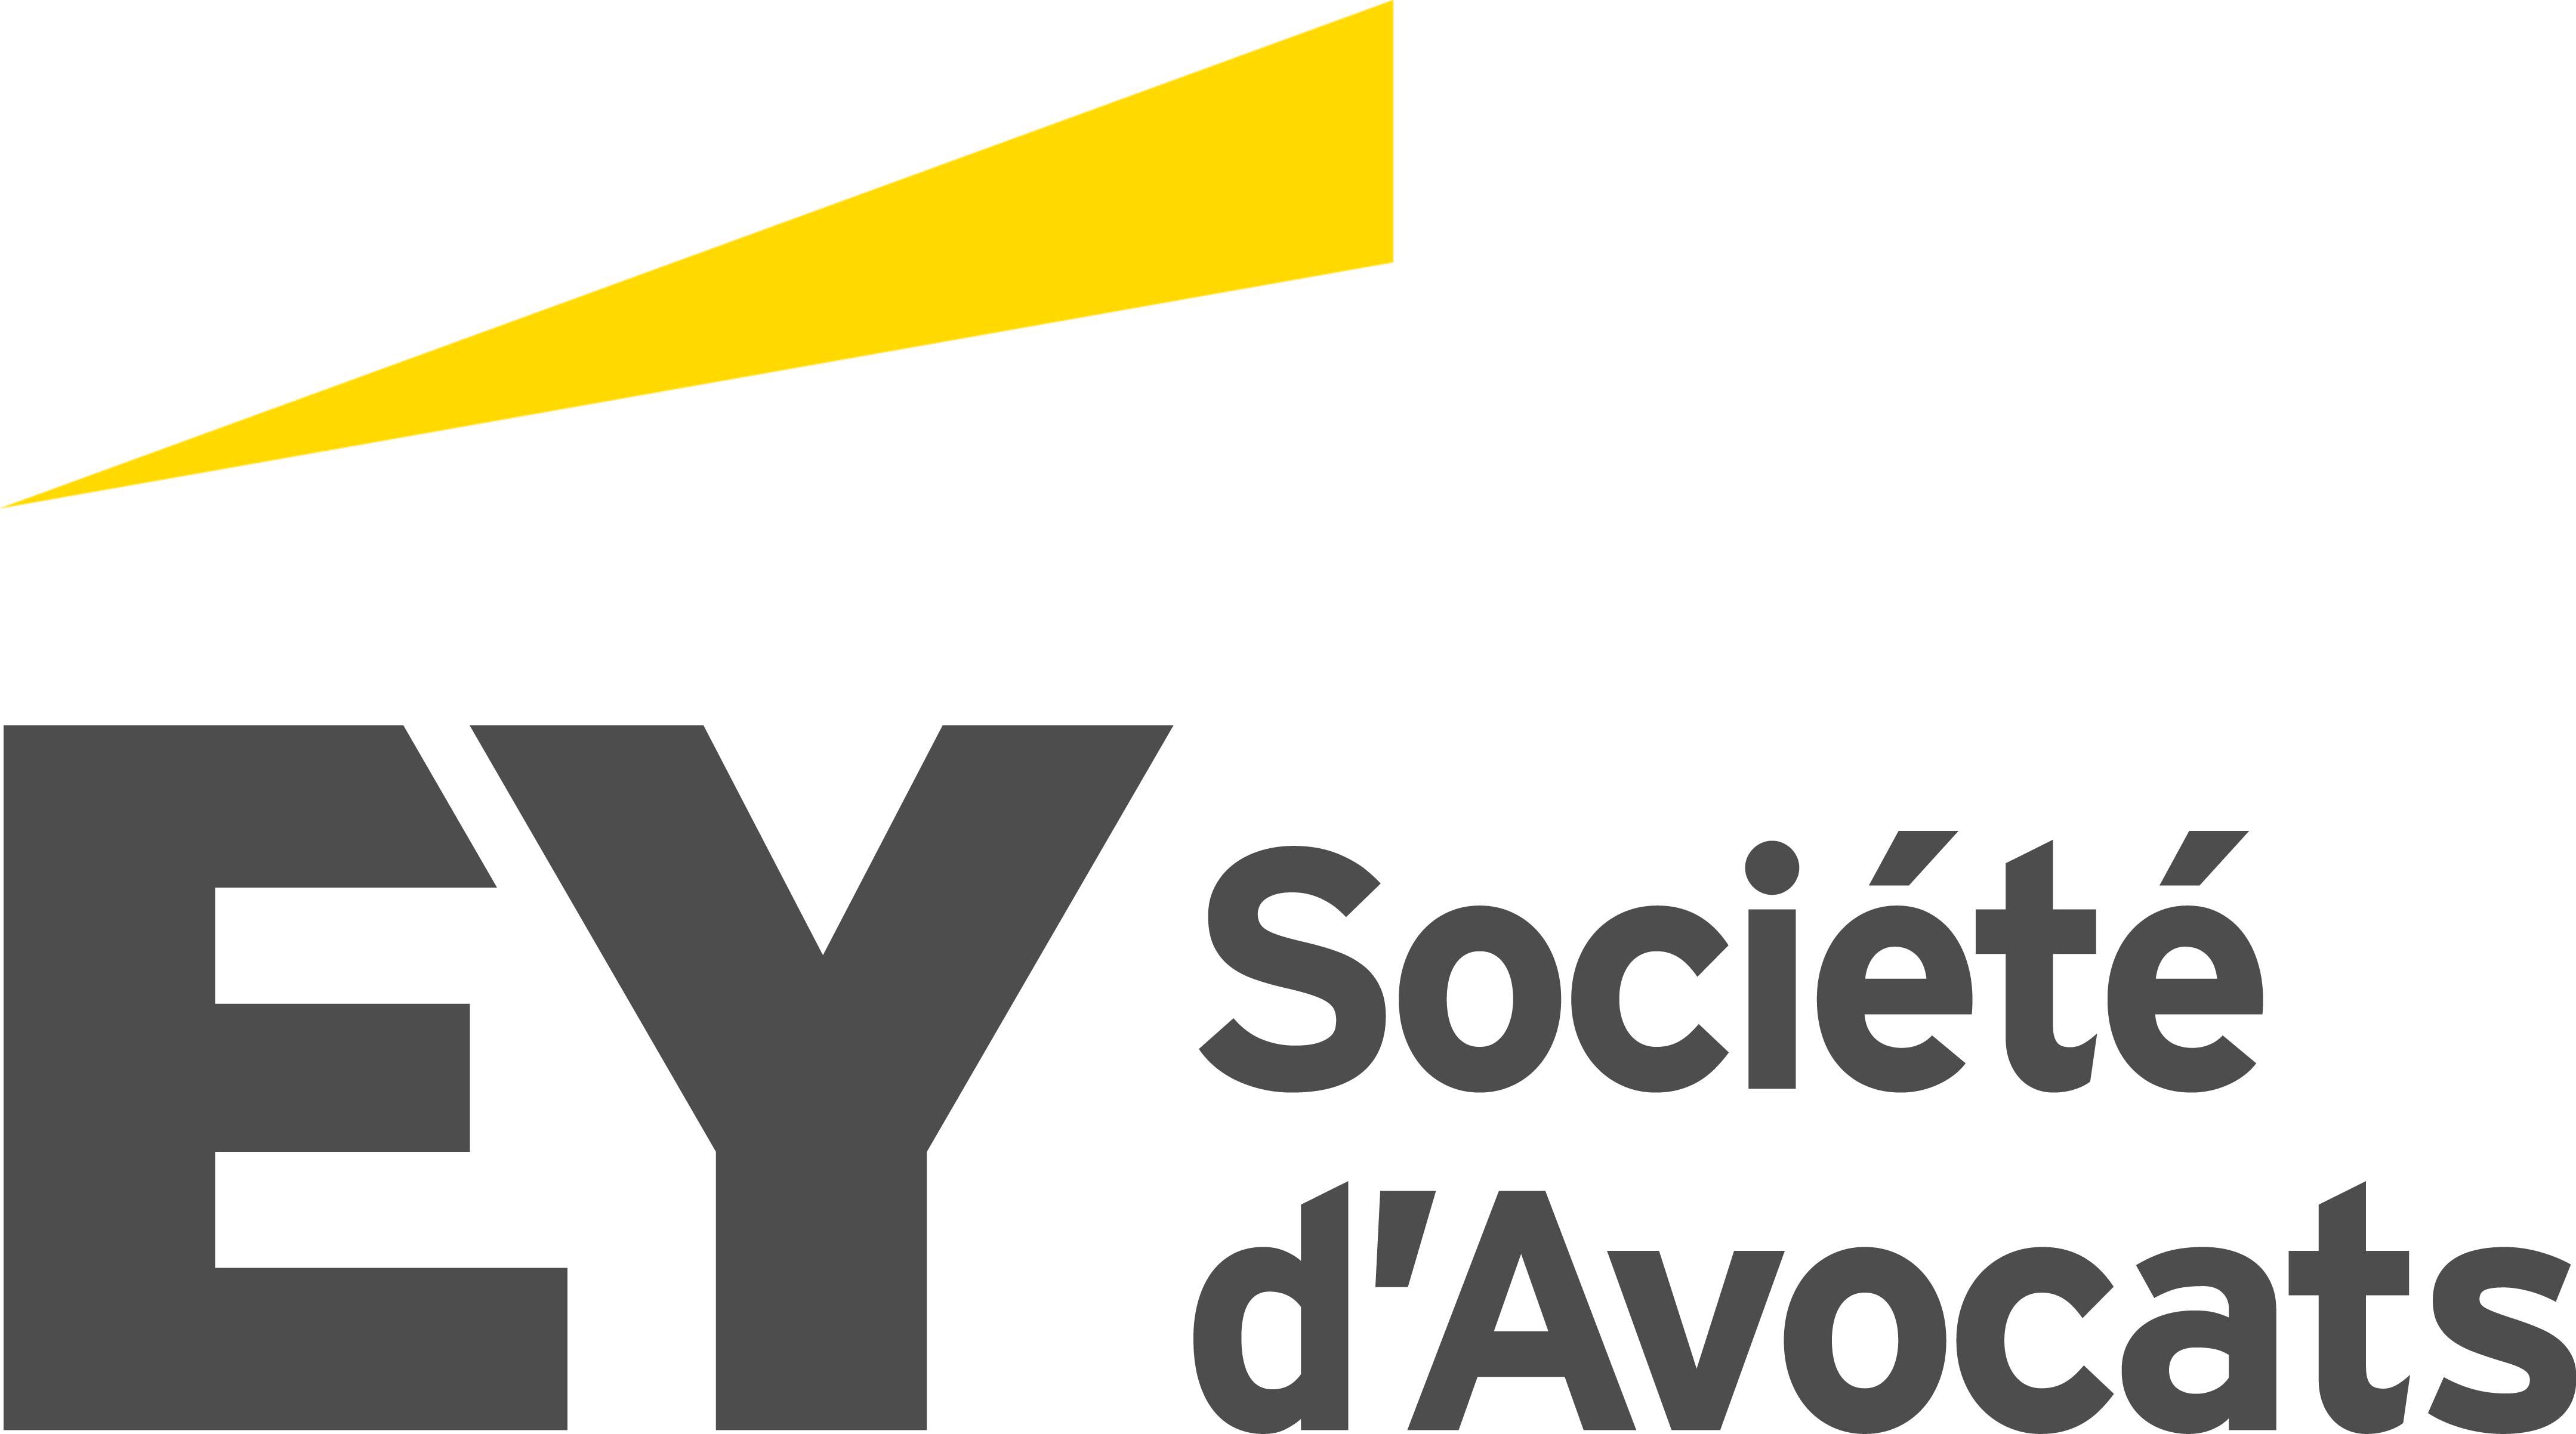 EY Société d'Avocats